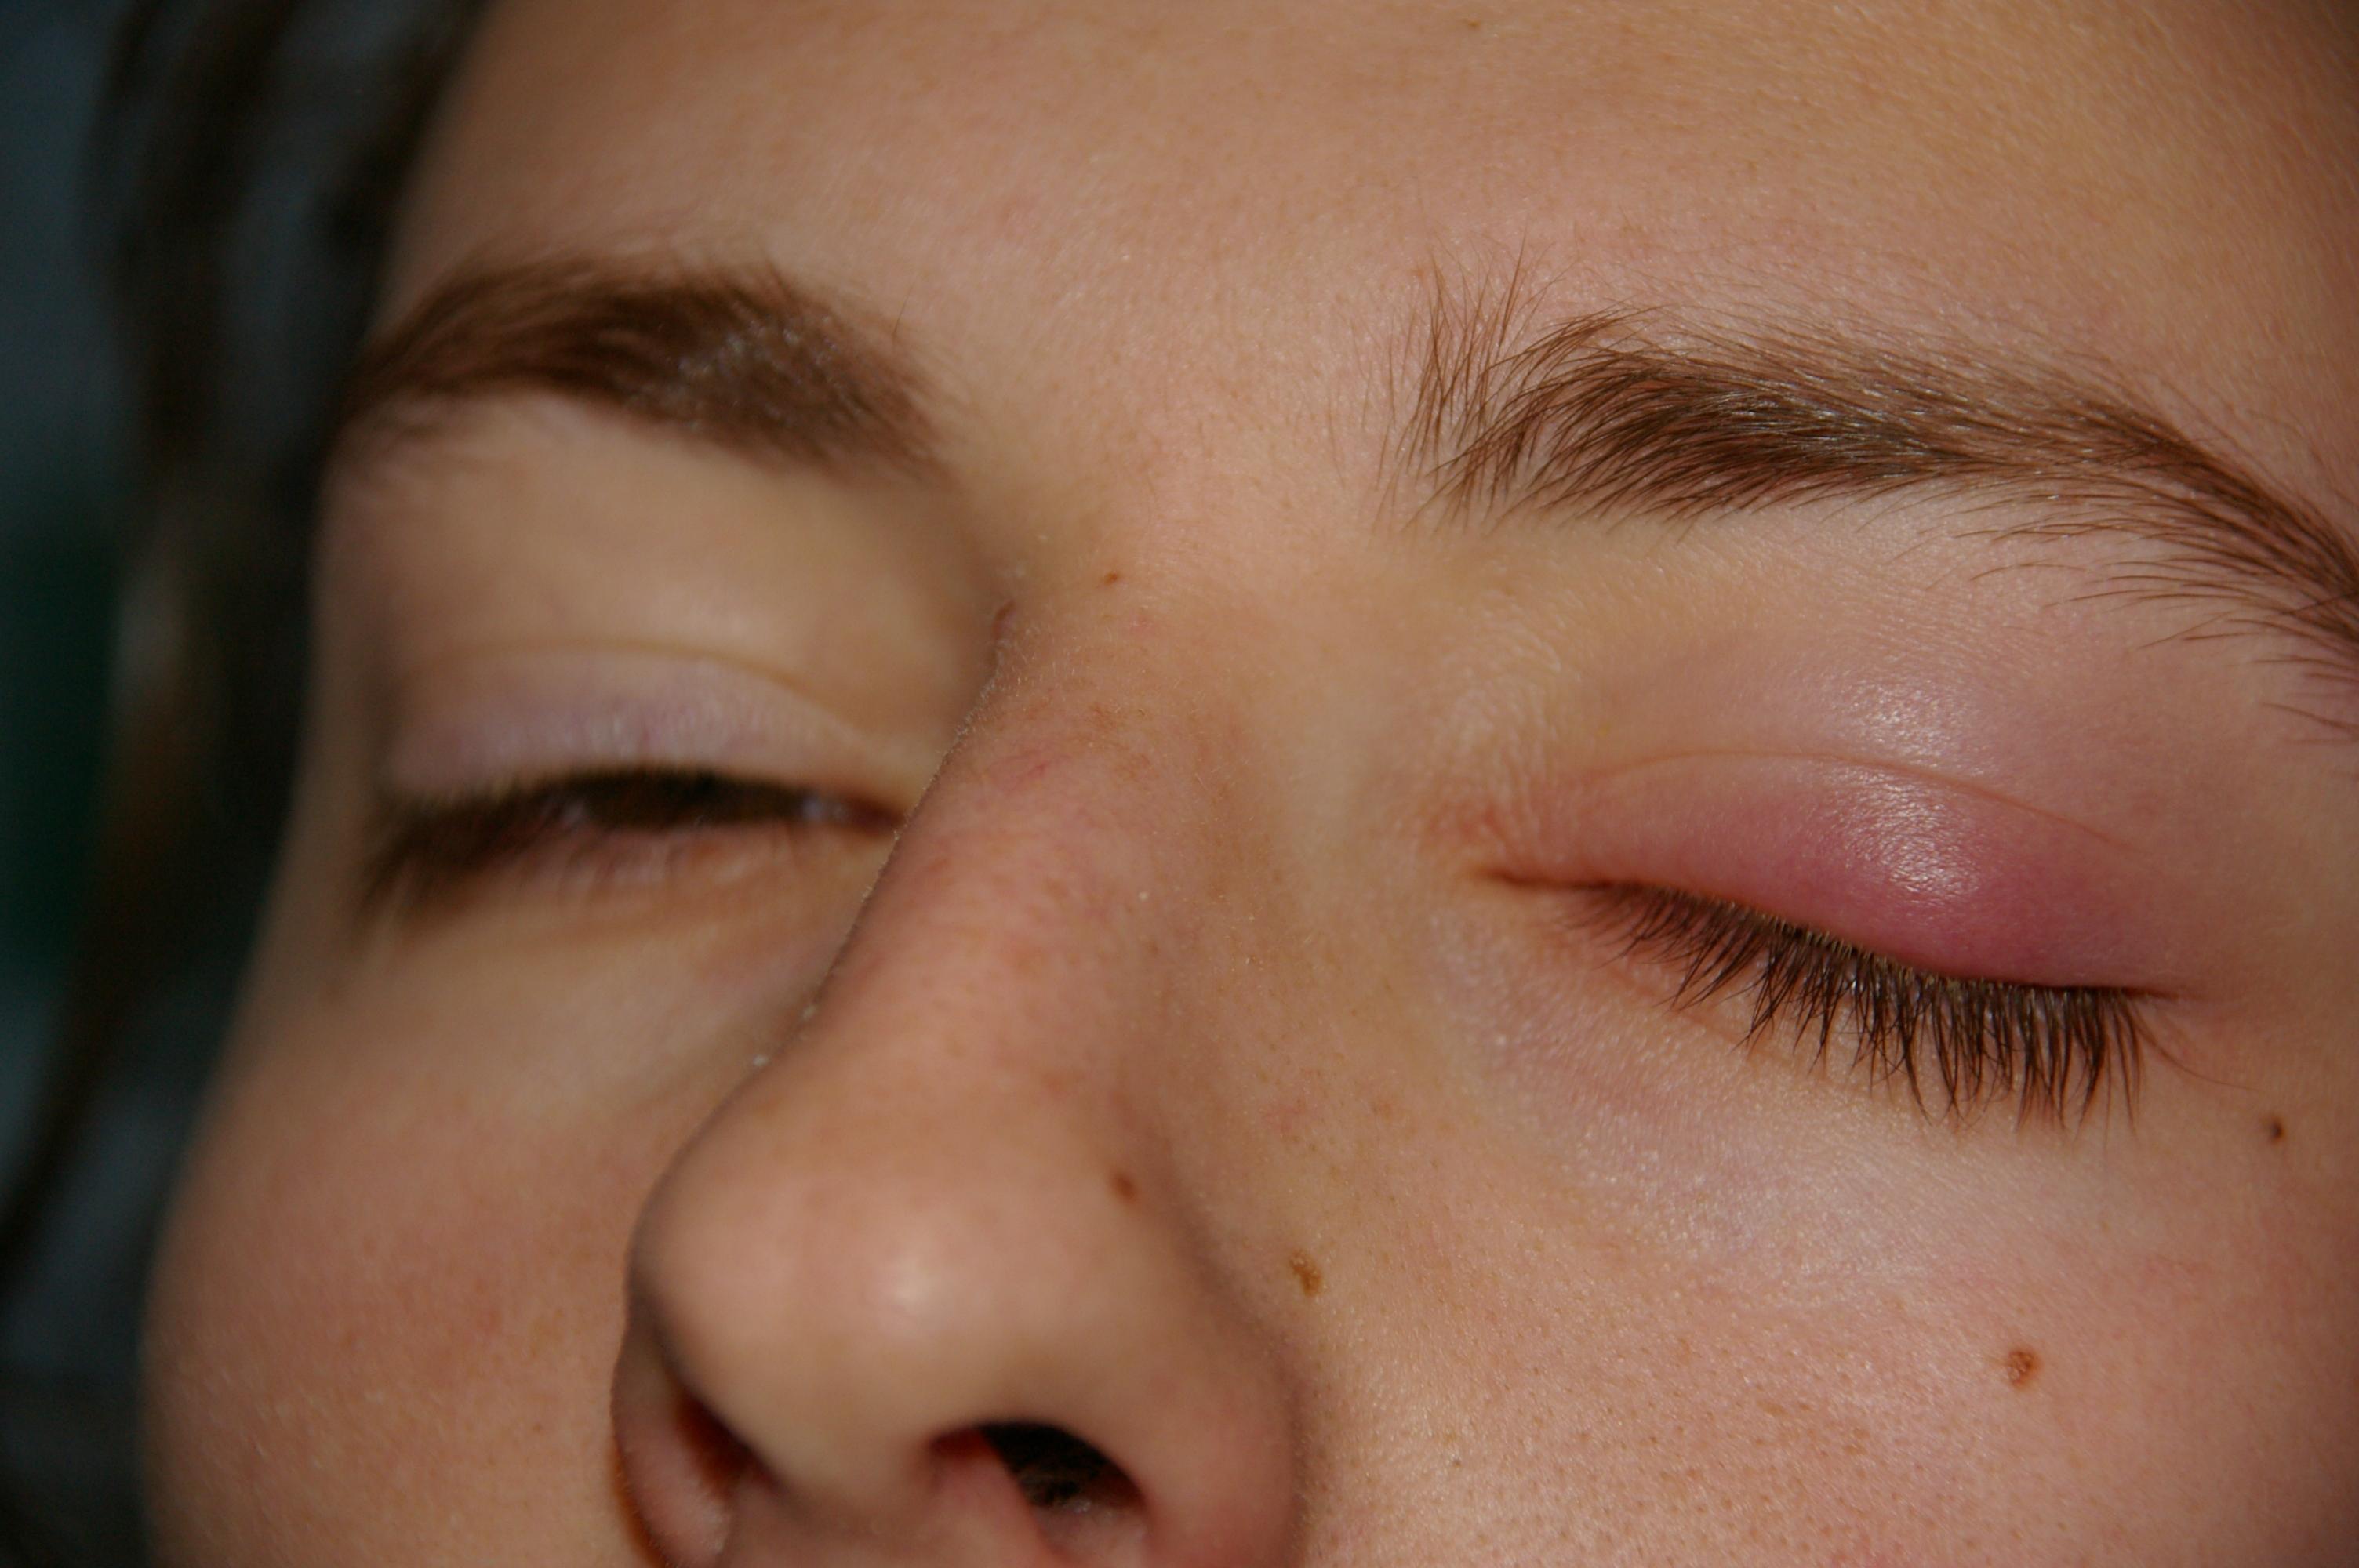 El hinchazón del ojo a la dipsomanía